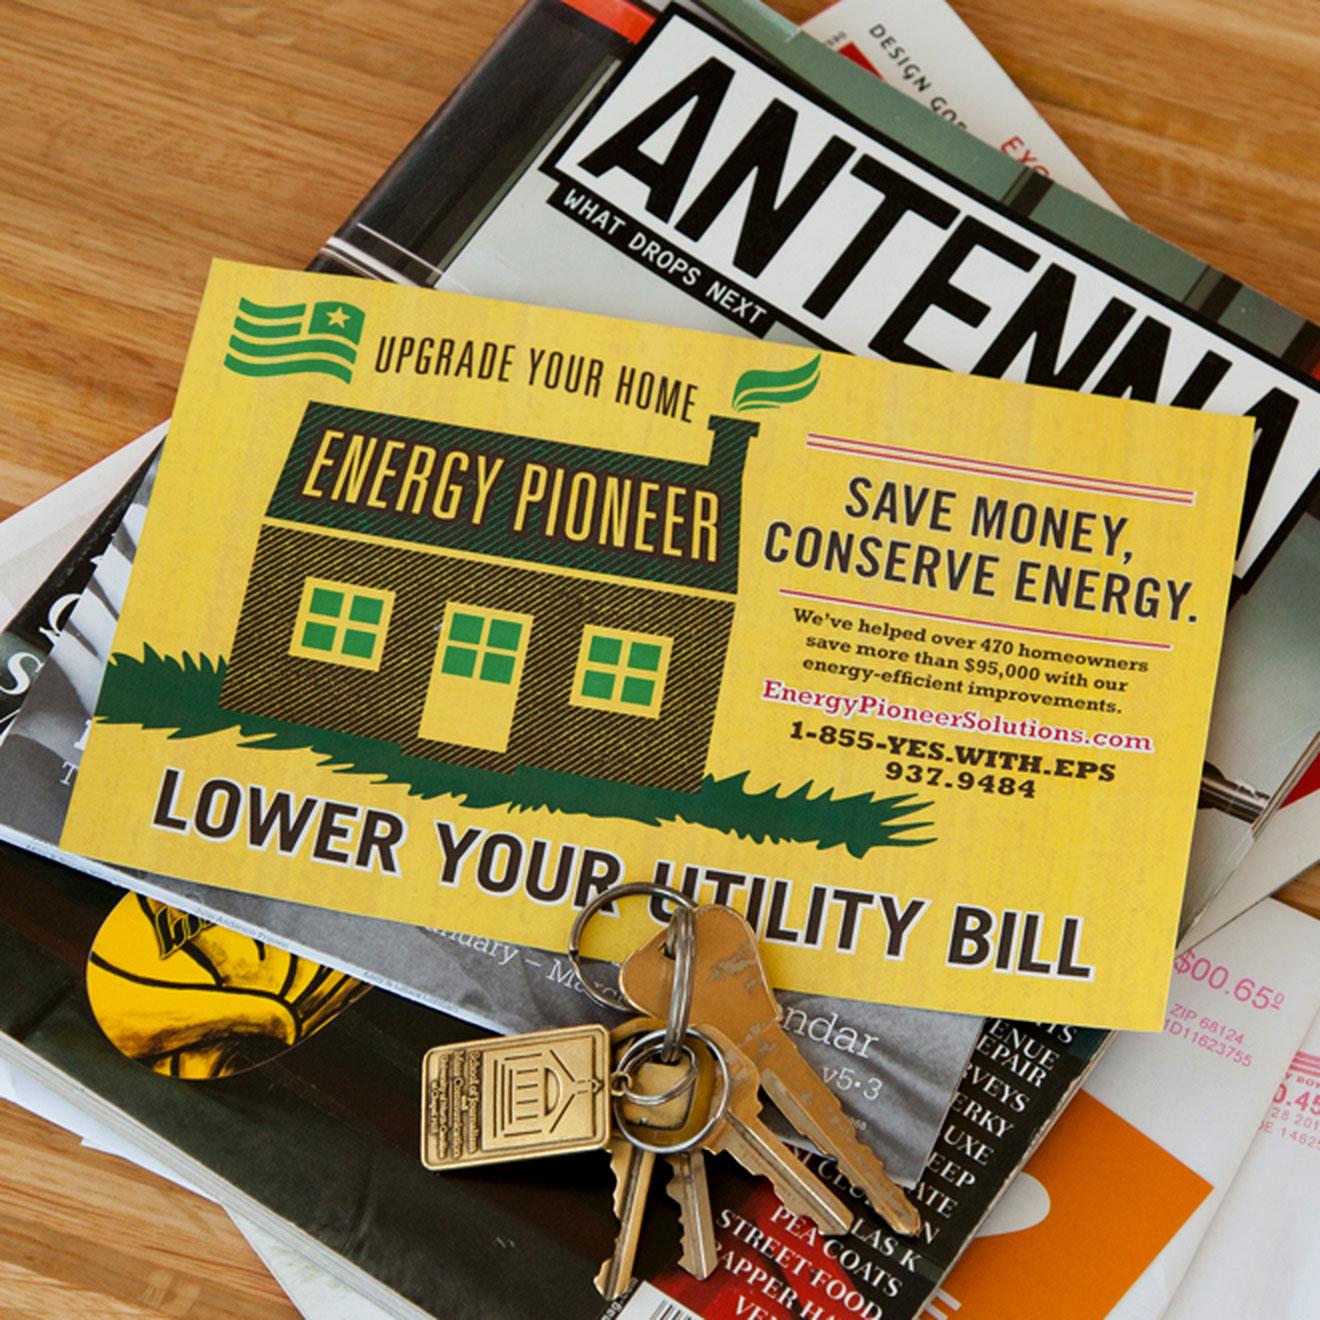 jk_energypioneer_holdthepower2.jpg